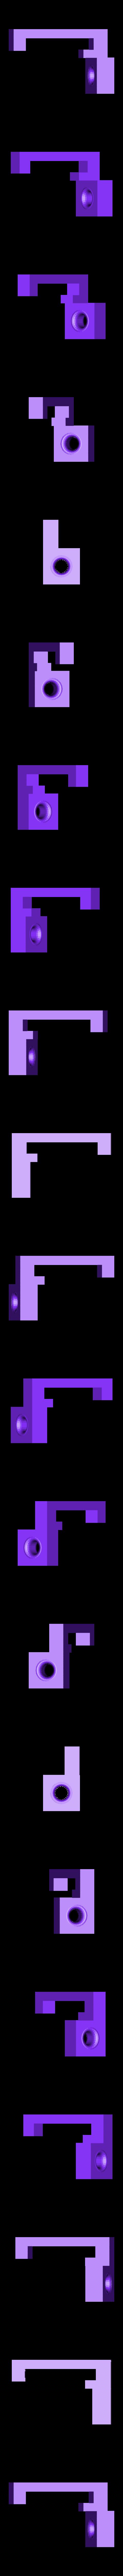 filament_giud_V2.stl Télécharger fichier STL gratuit Filament guide for Prusa MK2 and i3 ( clone i3) • Design à imprimer en 3D, 3D-mon